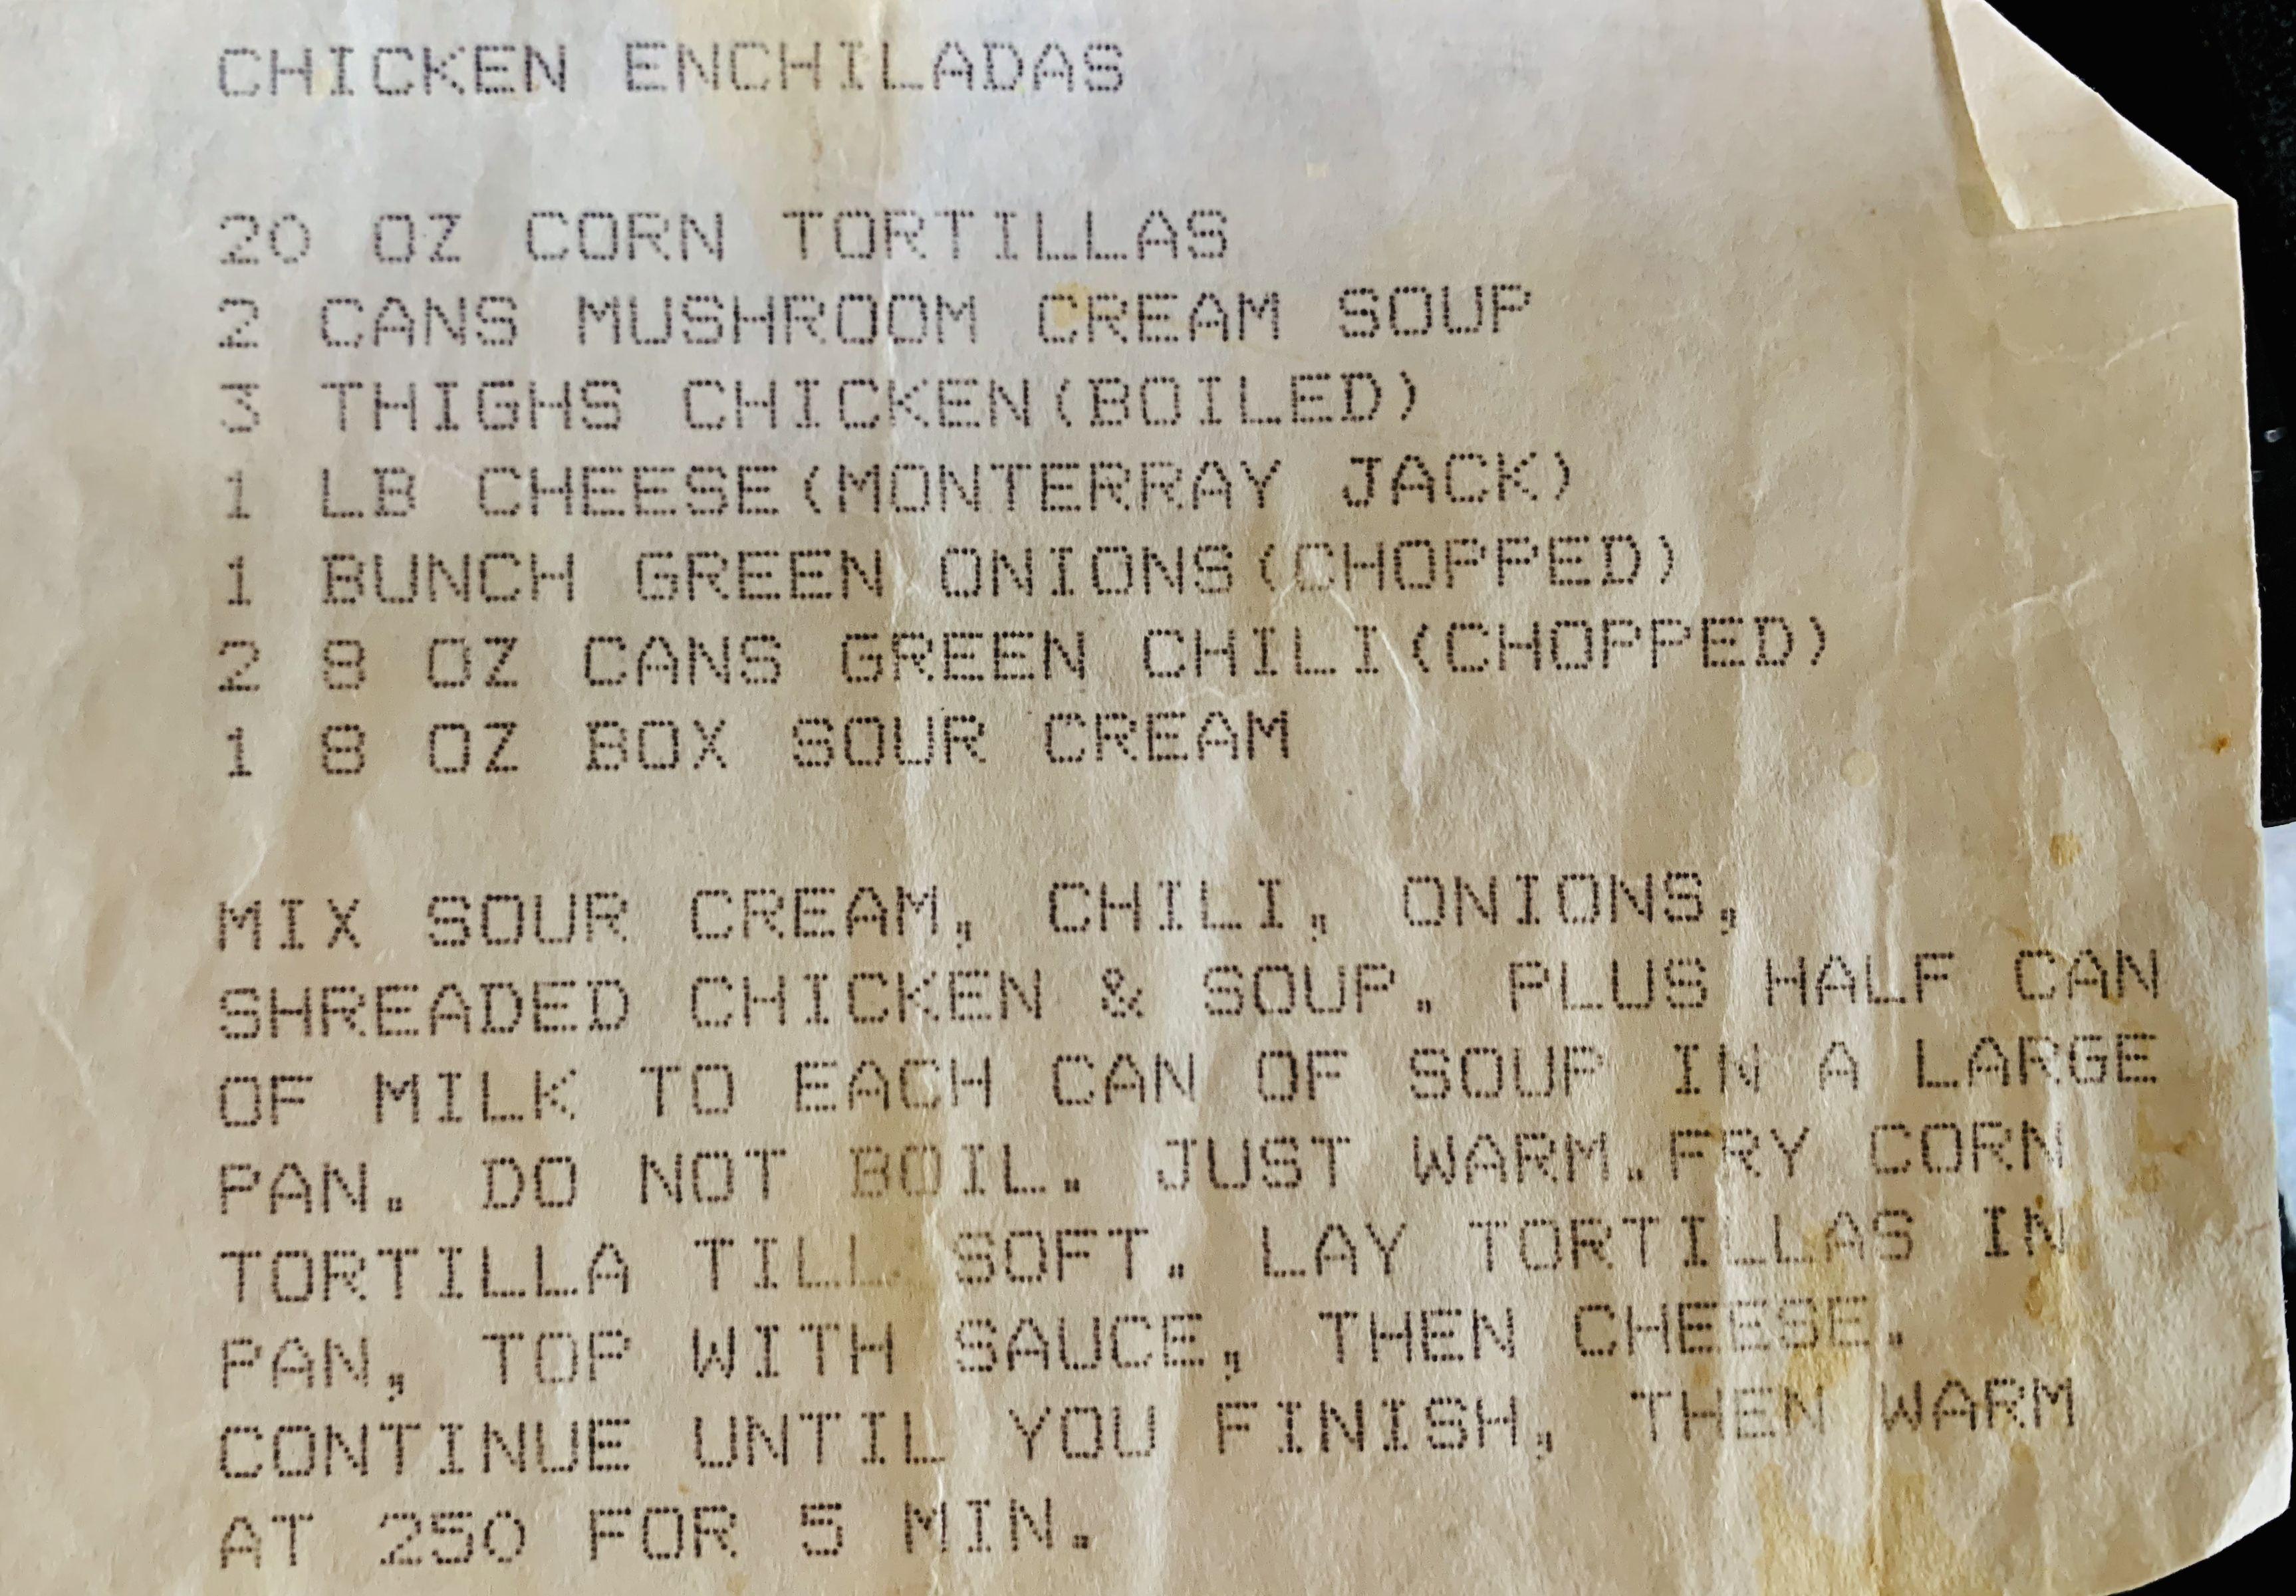 Sour Cream Chicken Enchiladas Sour Cream Chicken Chicken Enchiladas Canned Mushrooms